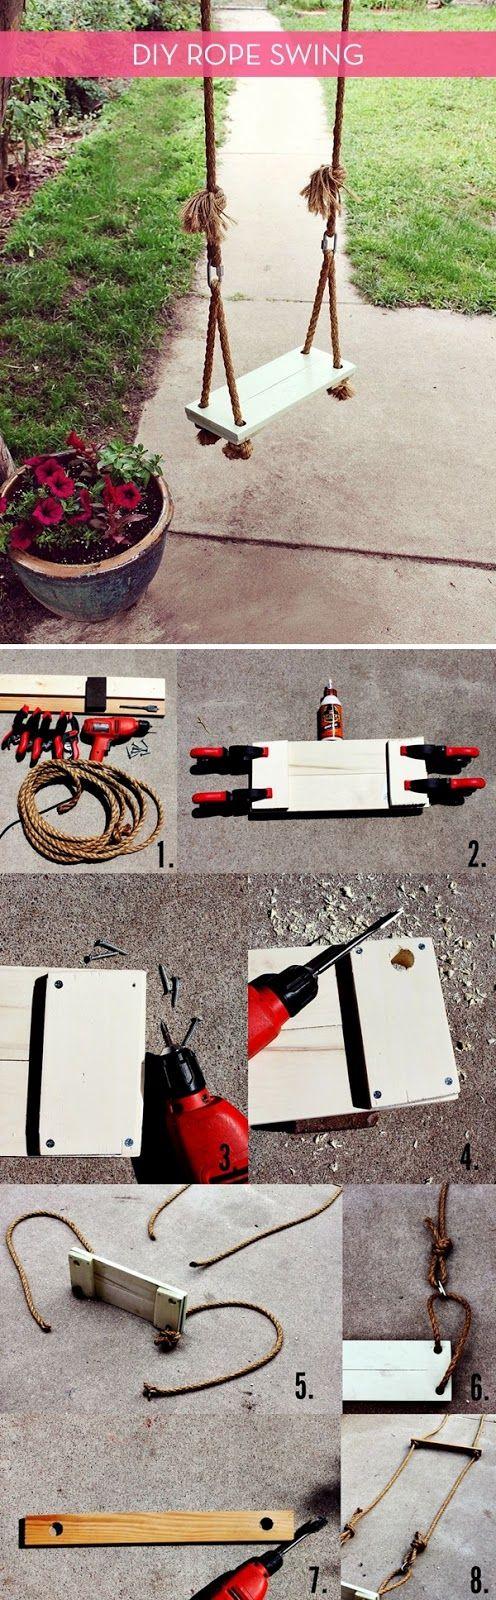 COMO CONSTRUIR UN COLUMPIO. ROPE SWING. DIY